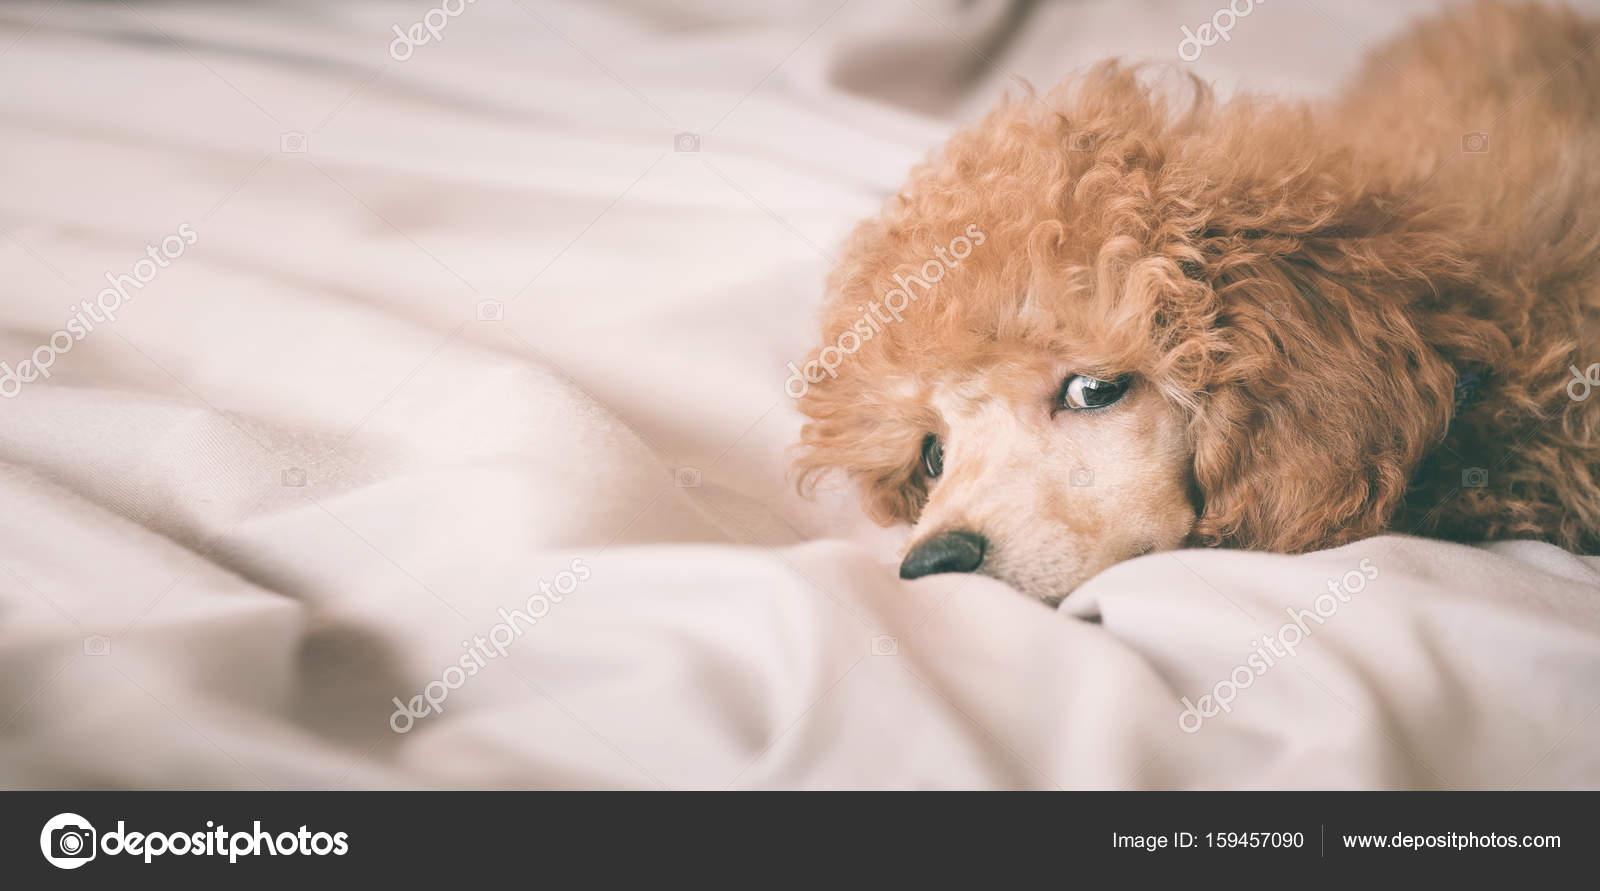 Cane Di Barboncino Sta Trovandosi E Dormire Nel Letto Avendo Una